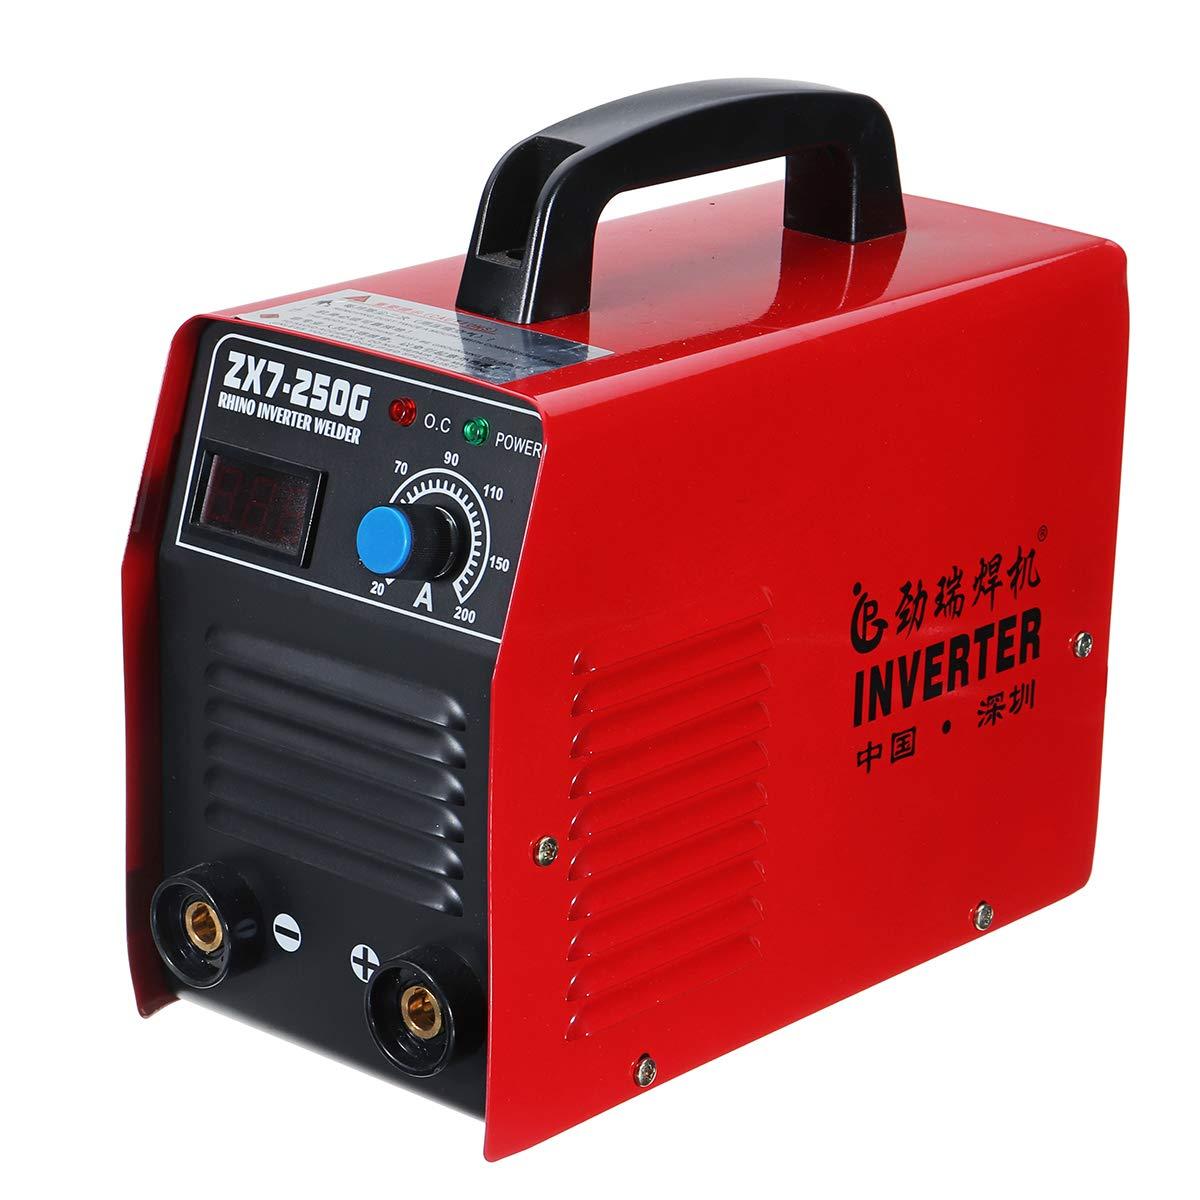 Werse Zx7-250G Igbt Portátil 200Amp 60W Máquina De Soldadura De Inversor Mma/Arc: Amazon.es: Bricolaje y herramientas